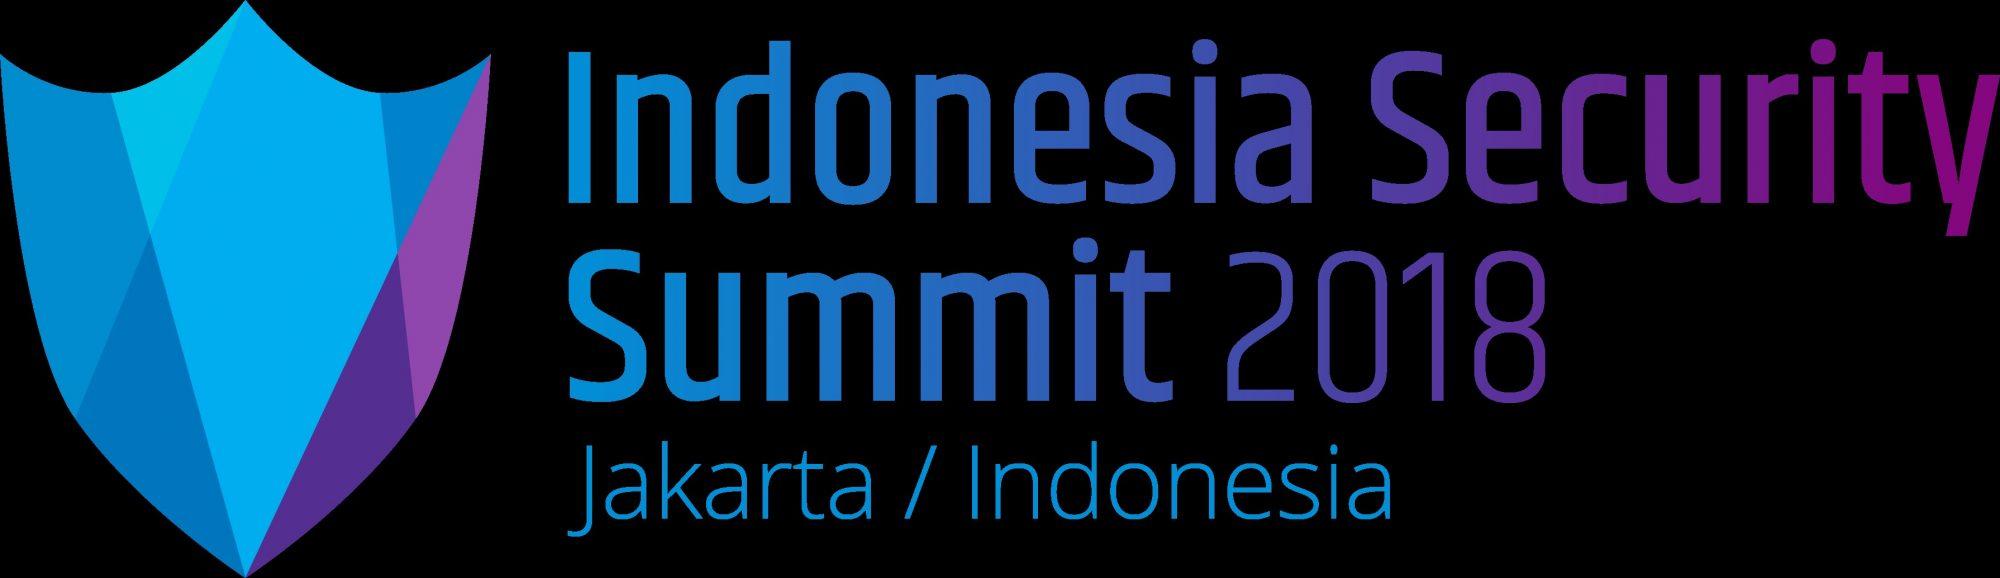 Indonesia Security Summit 2018